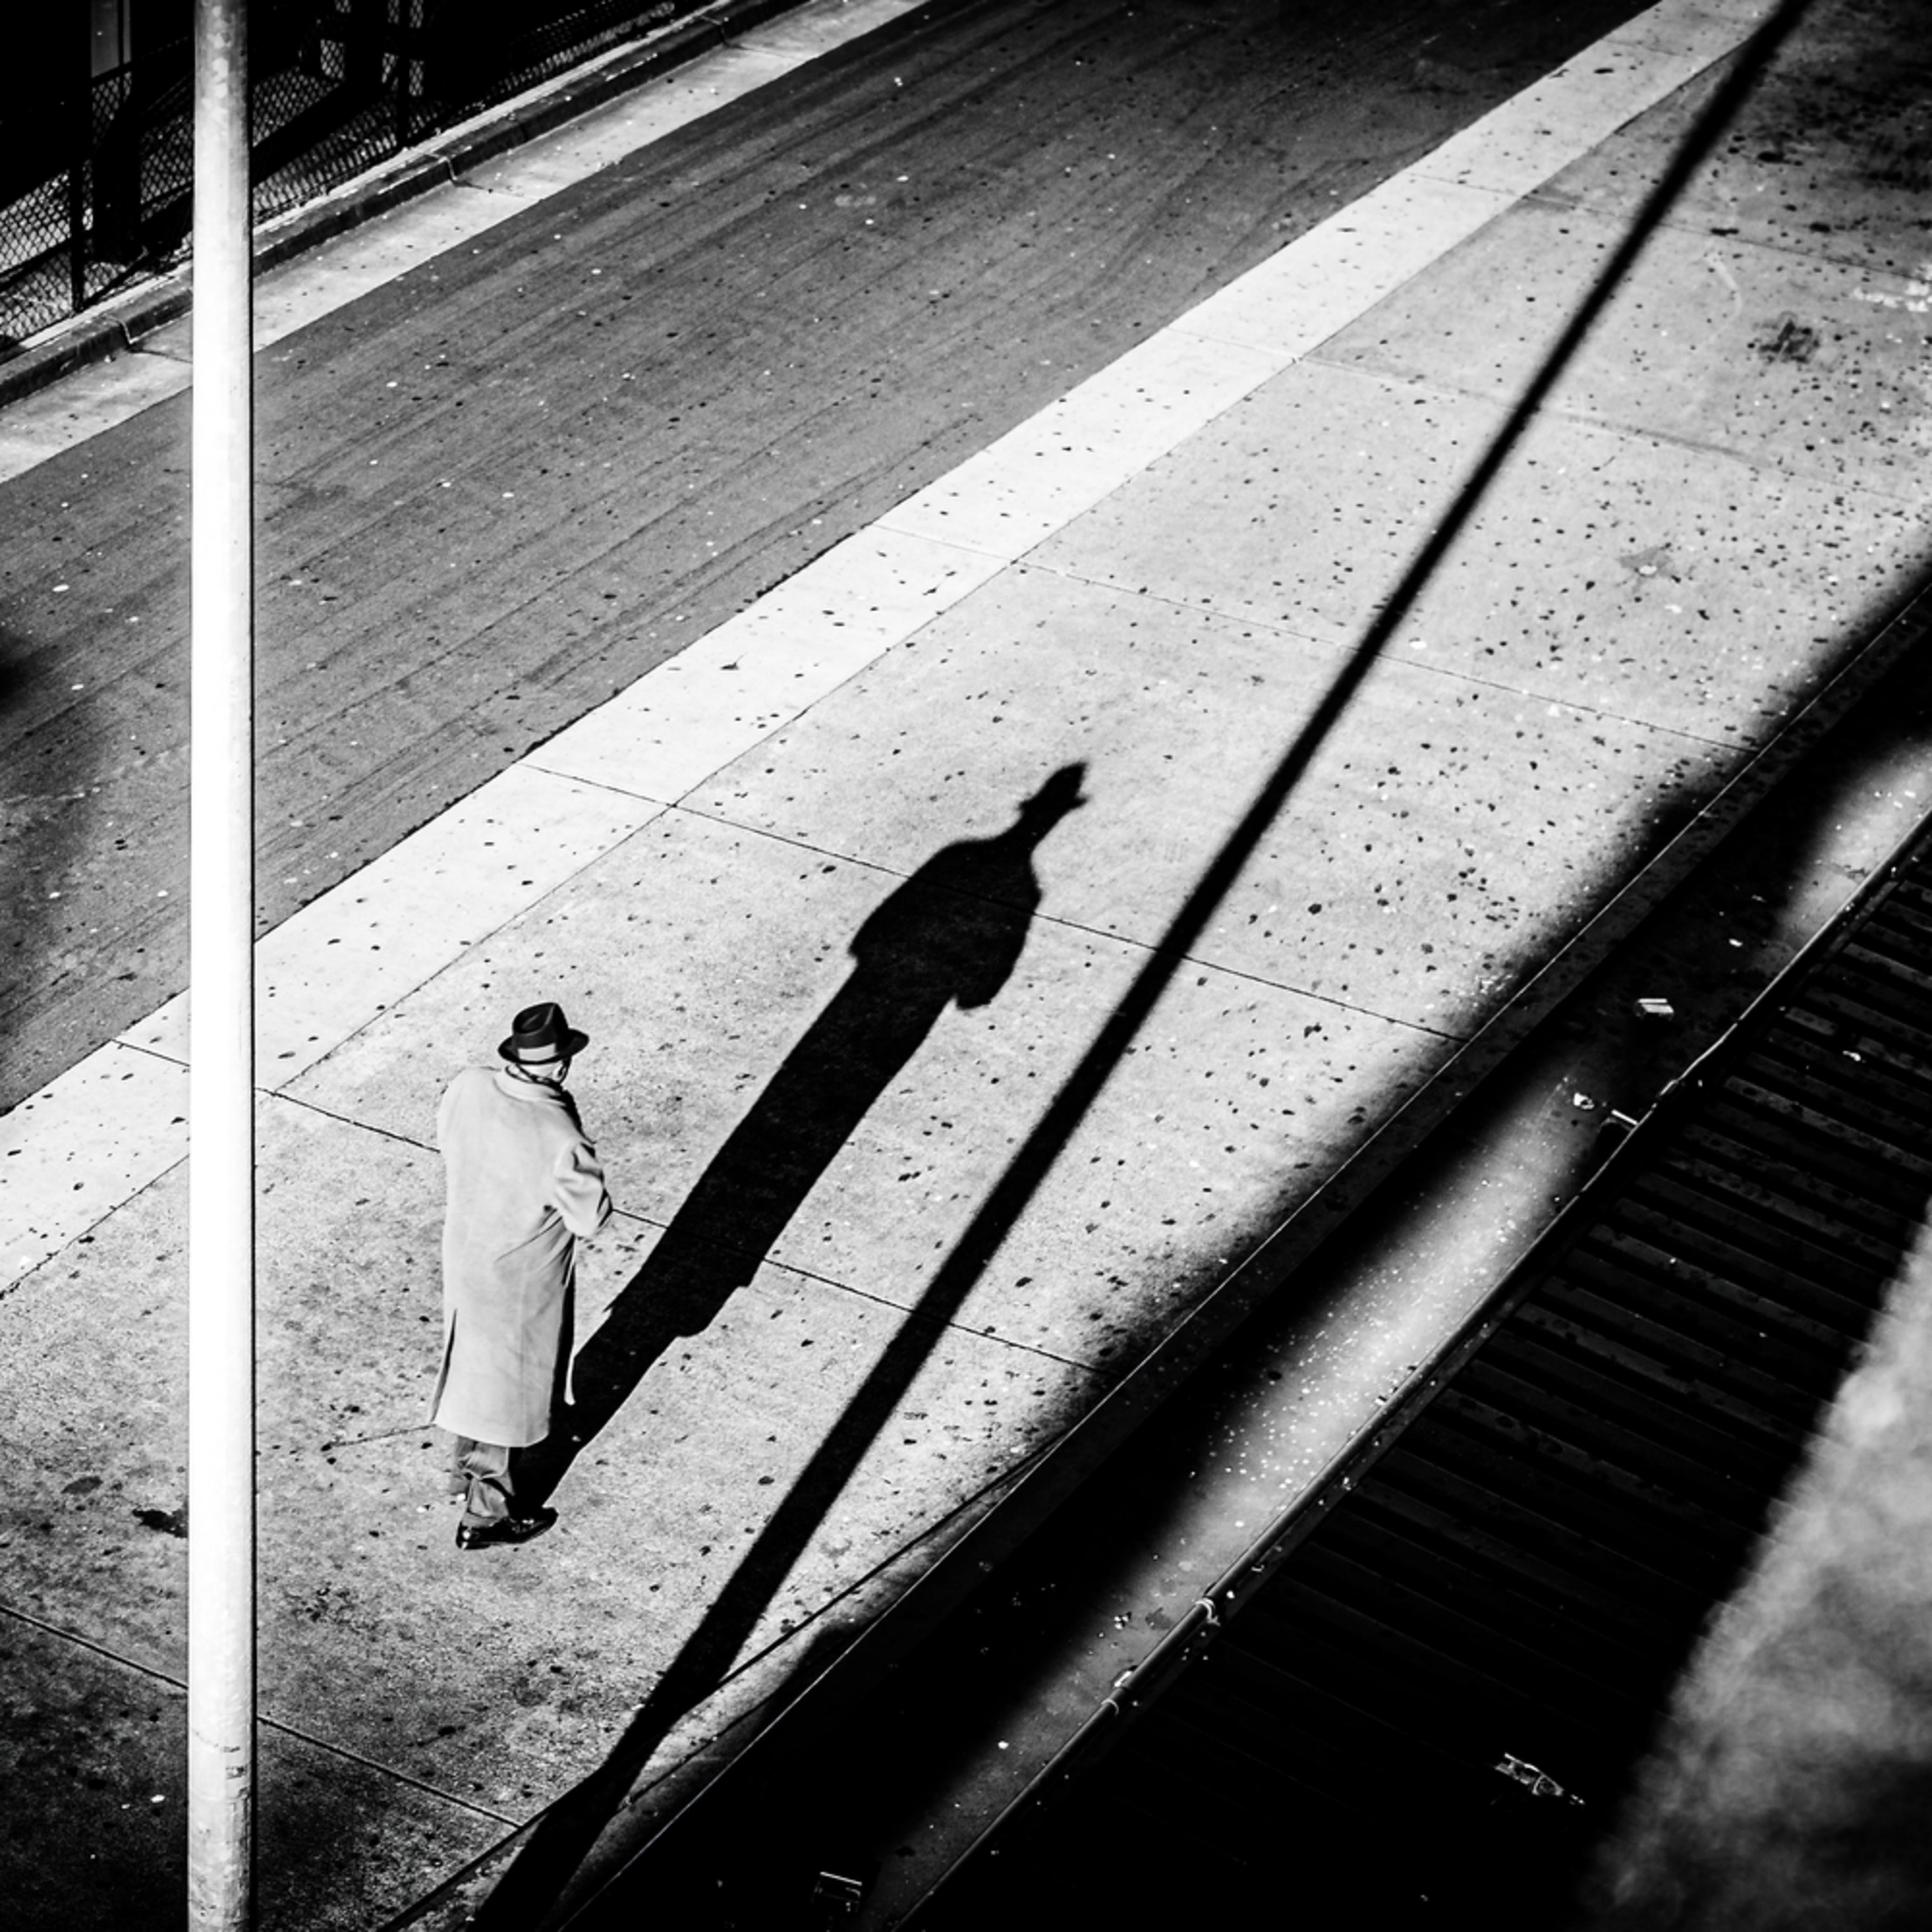 Shadow man z9enas